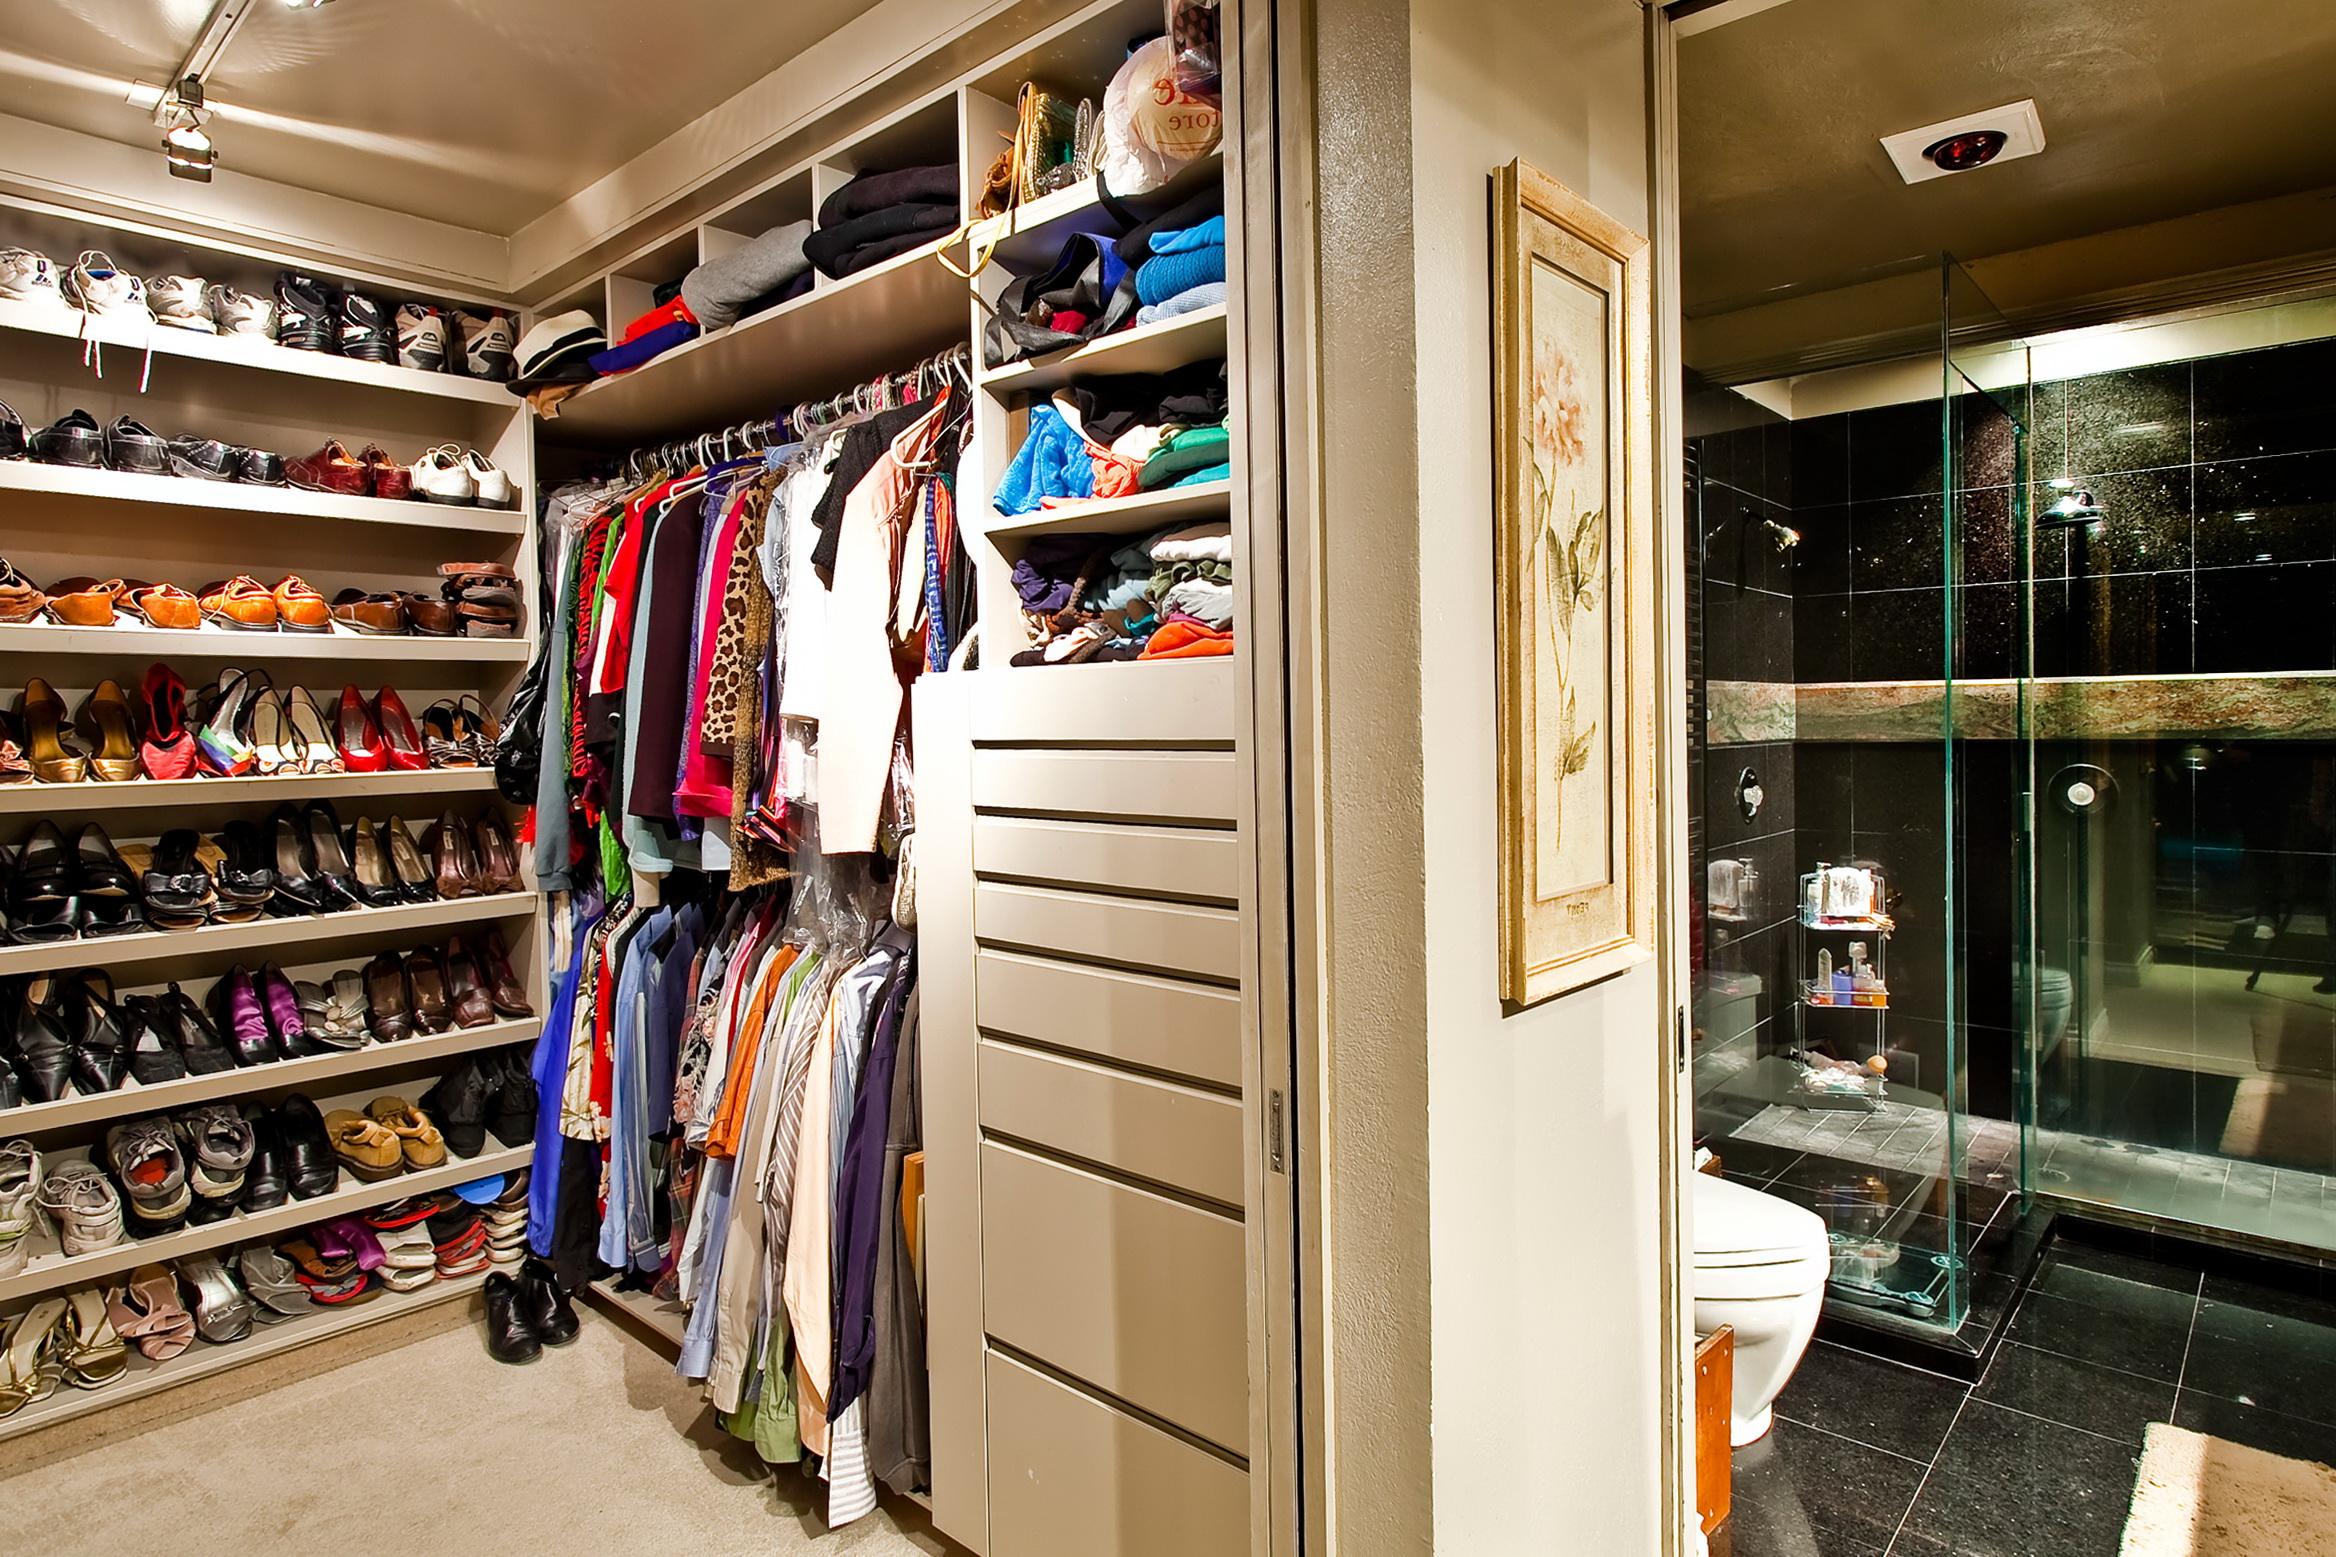 Closet Shoe Shelf Dimensions Home Design Ideas